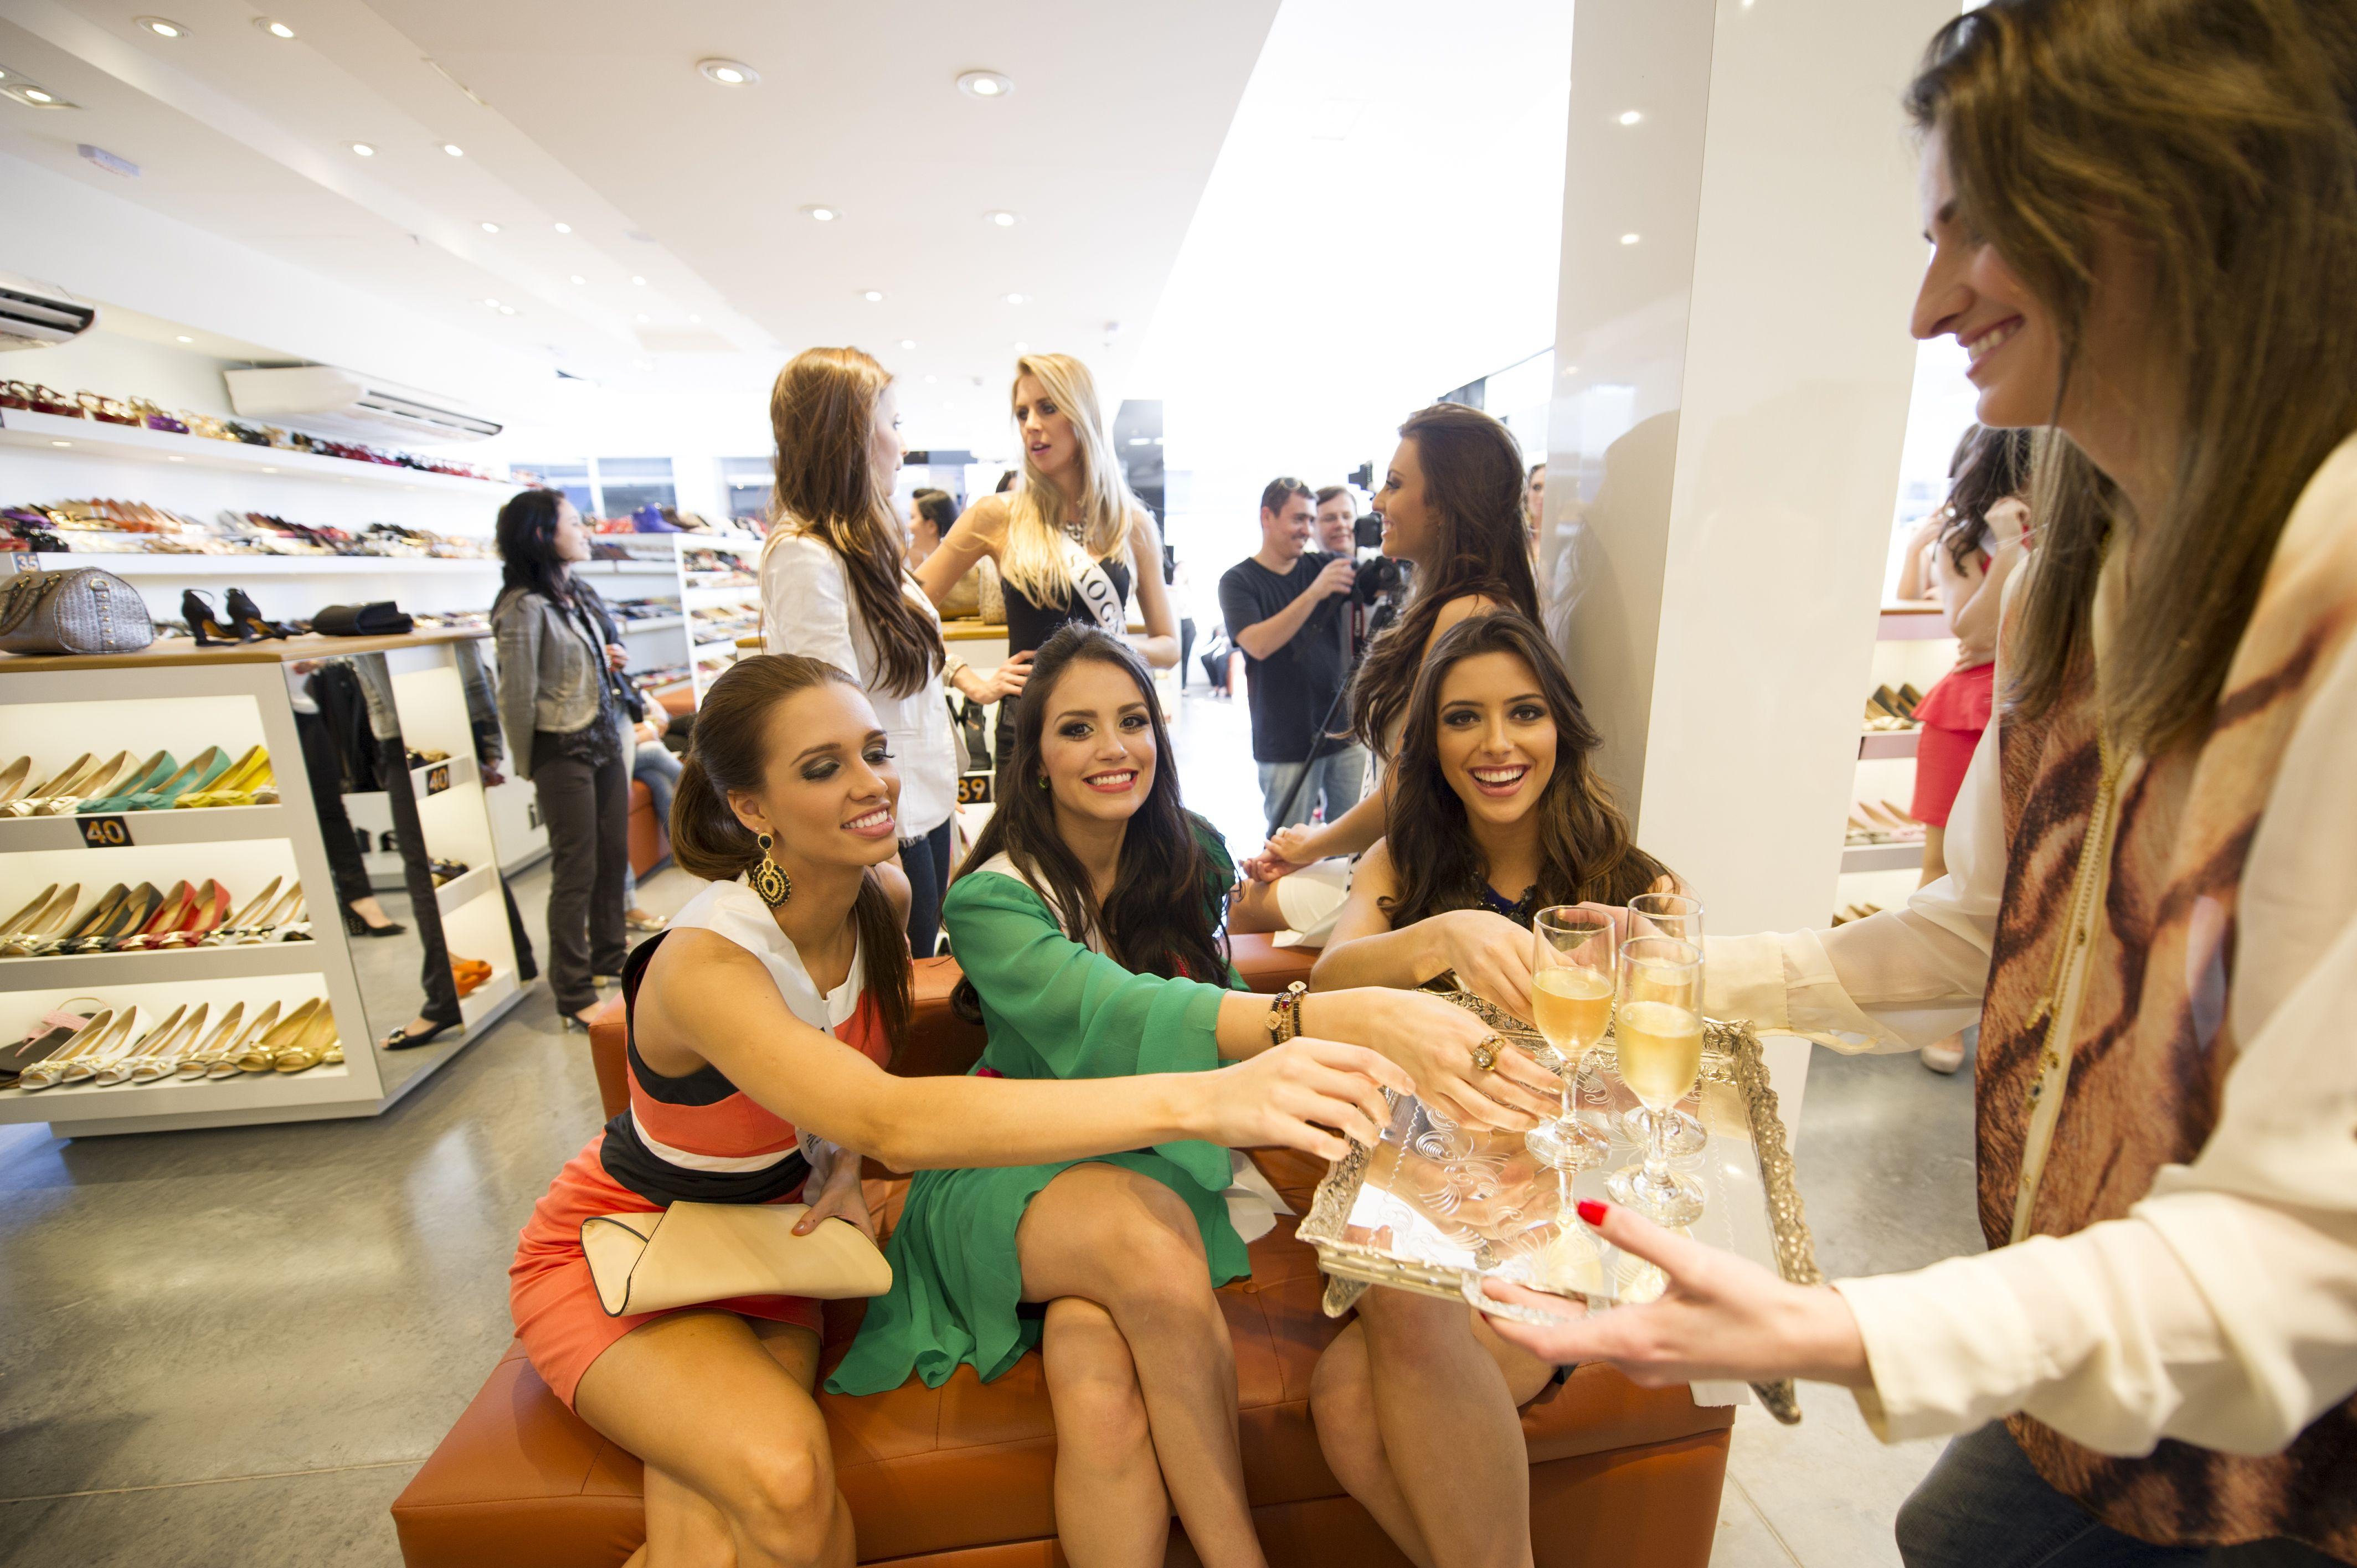 Candidatas ao Miss RS 2014 gravaram vídeos promocionais / Antares Martins/Divulgação